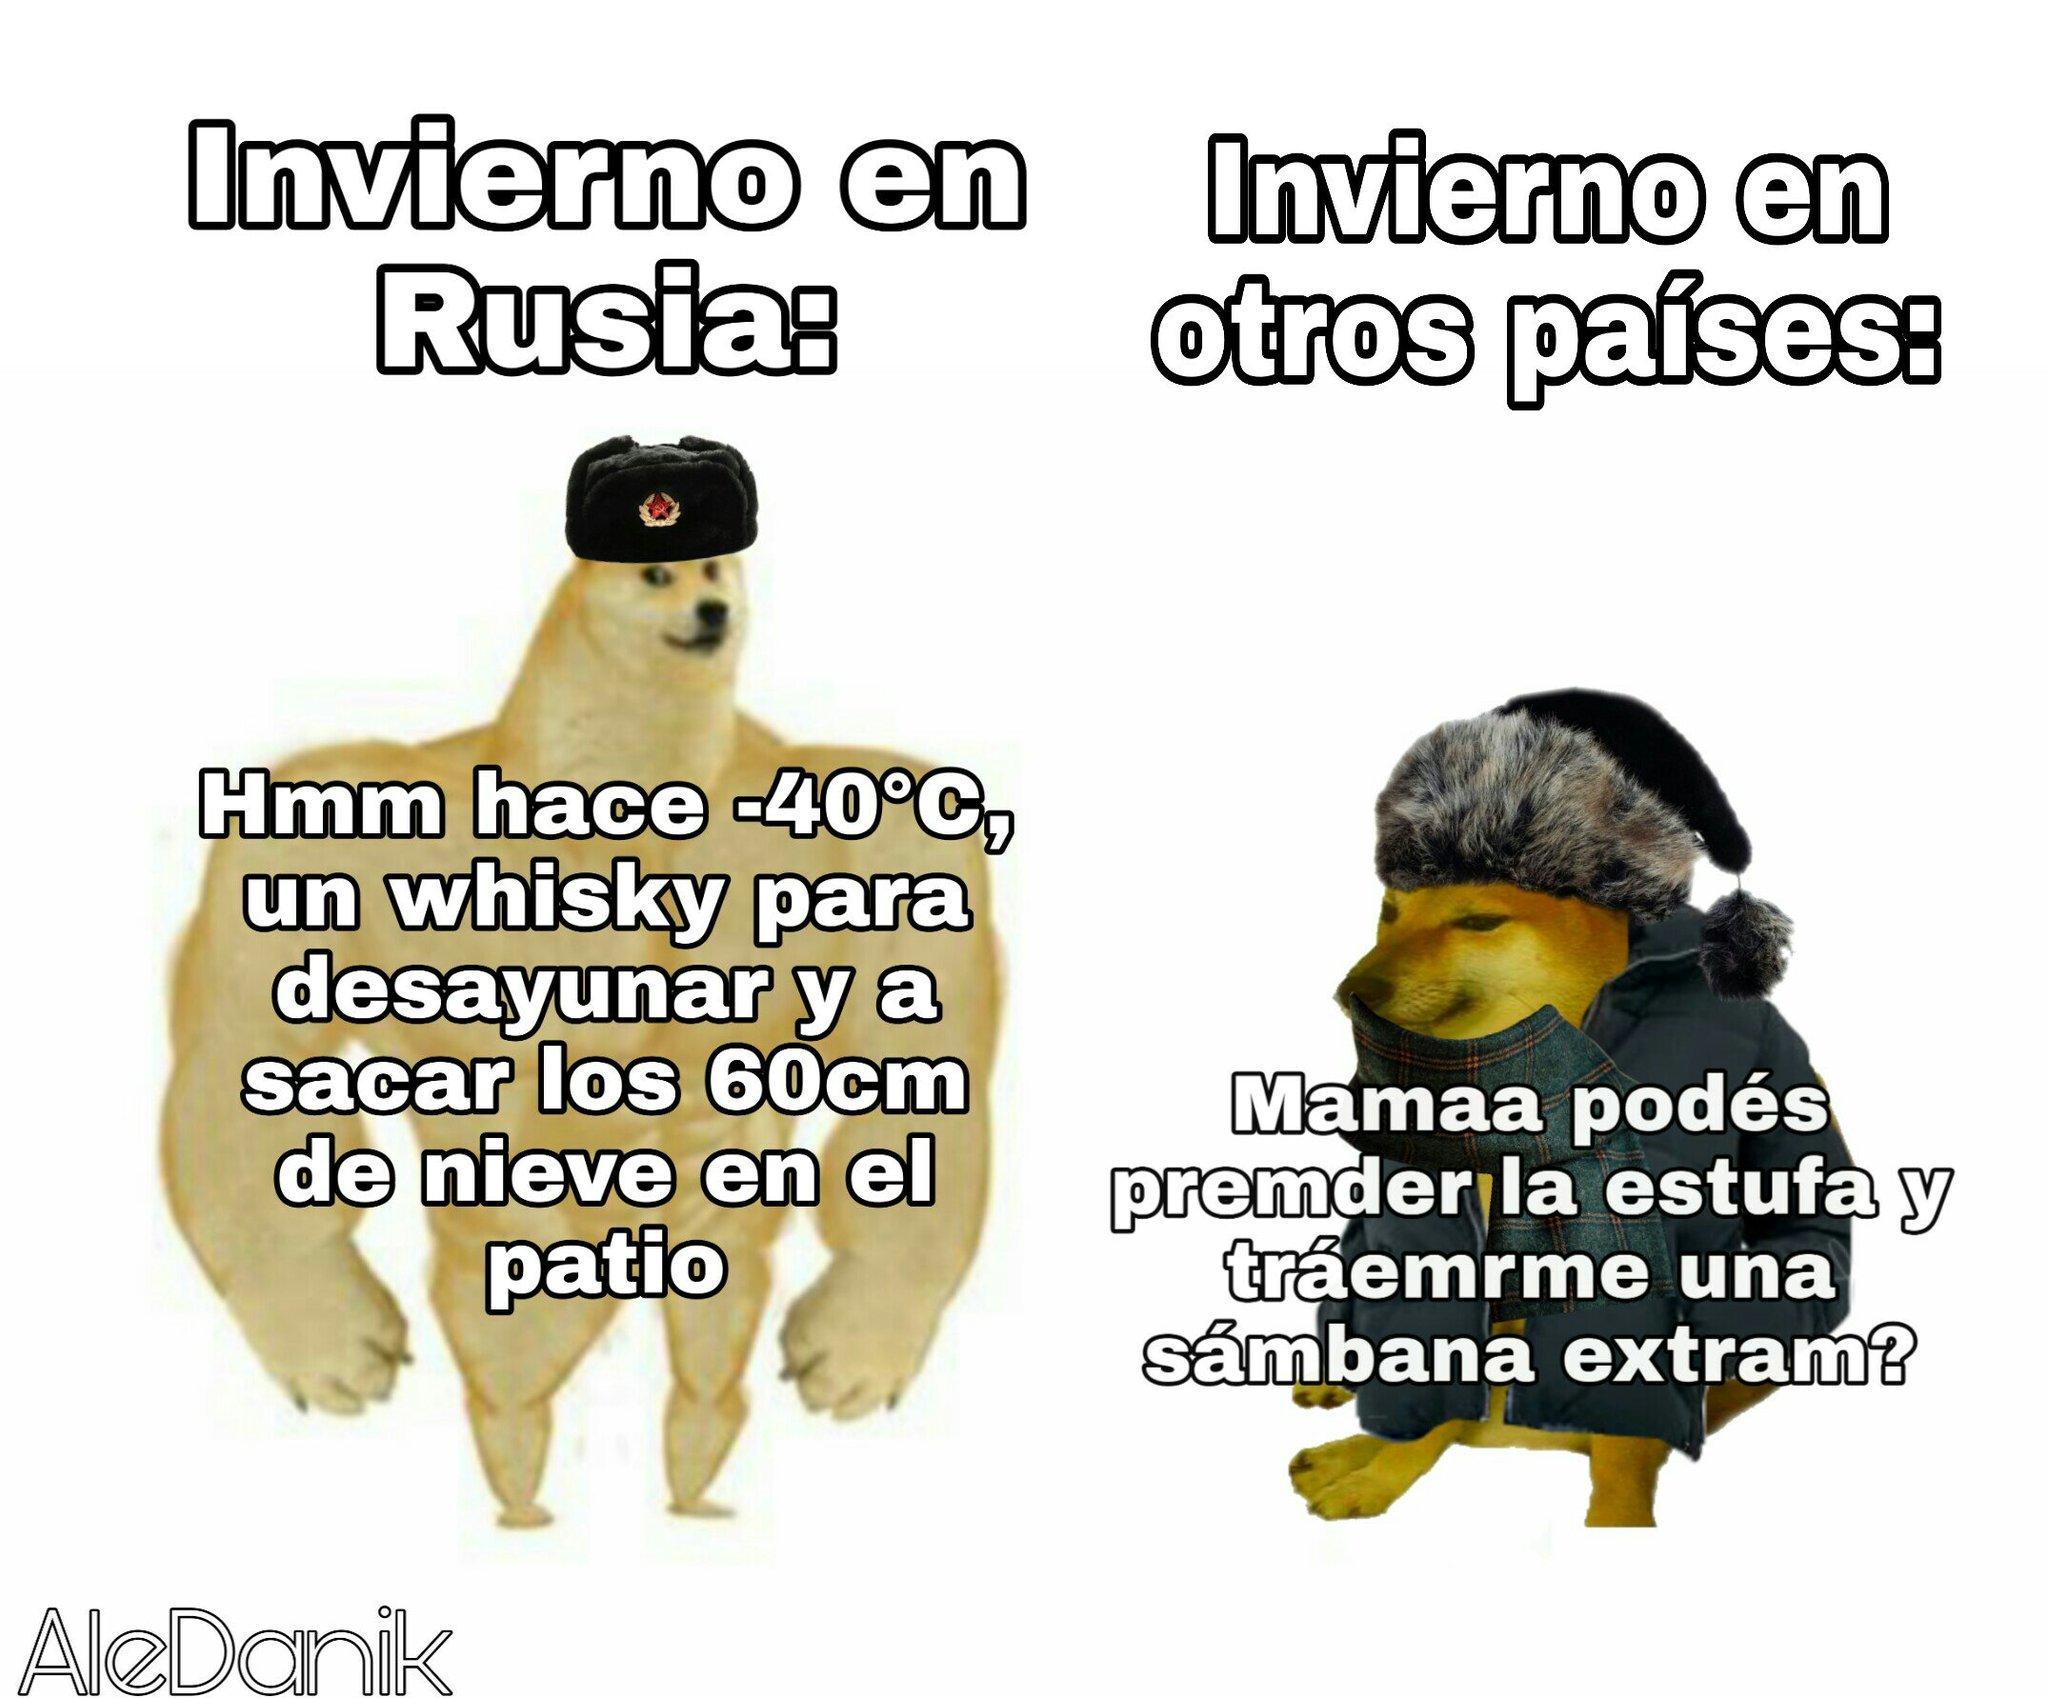 Saquenme de argentina - meme